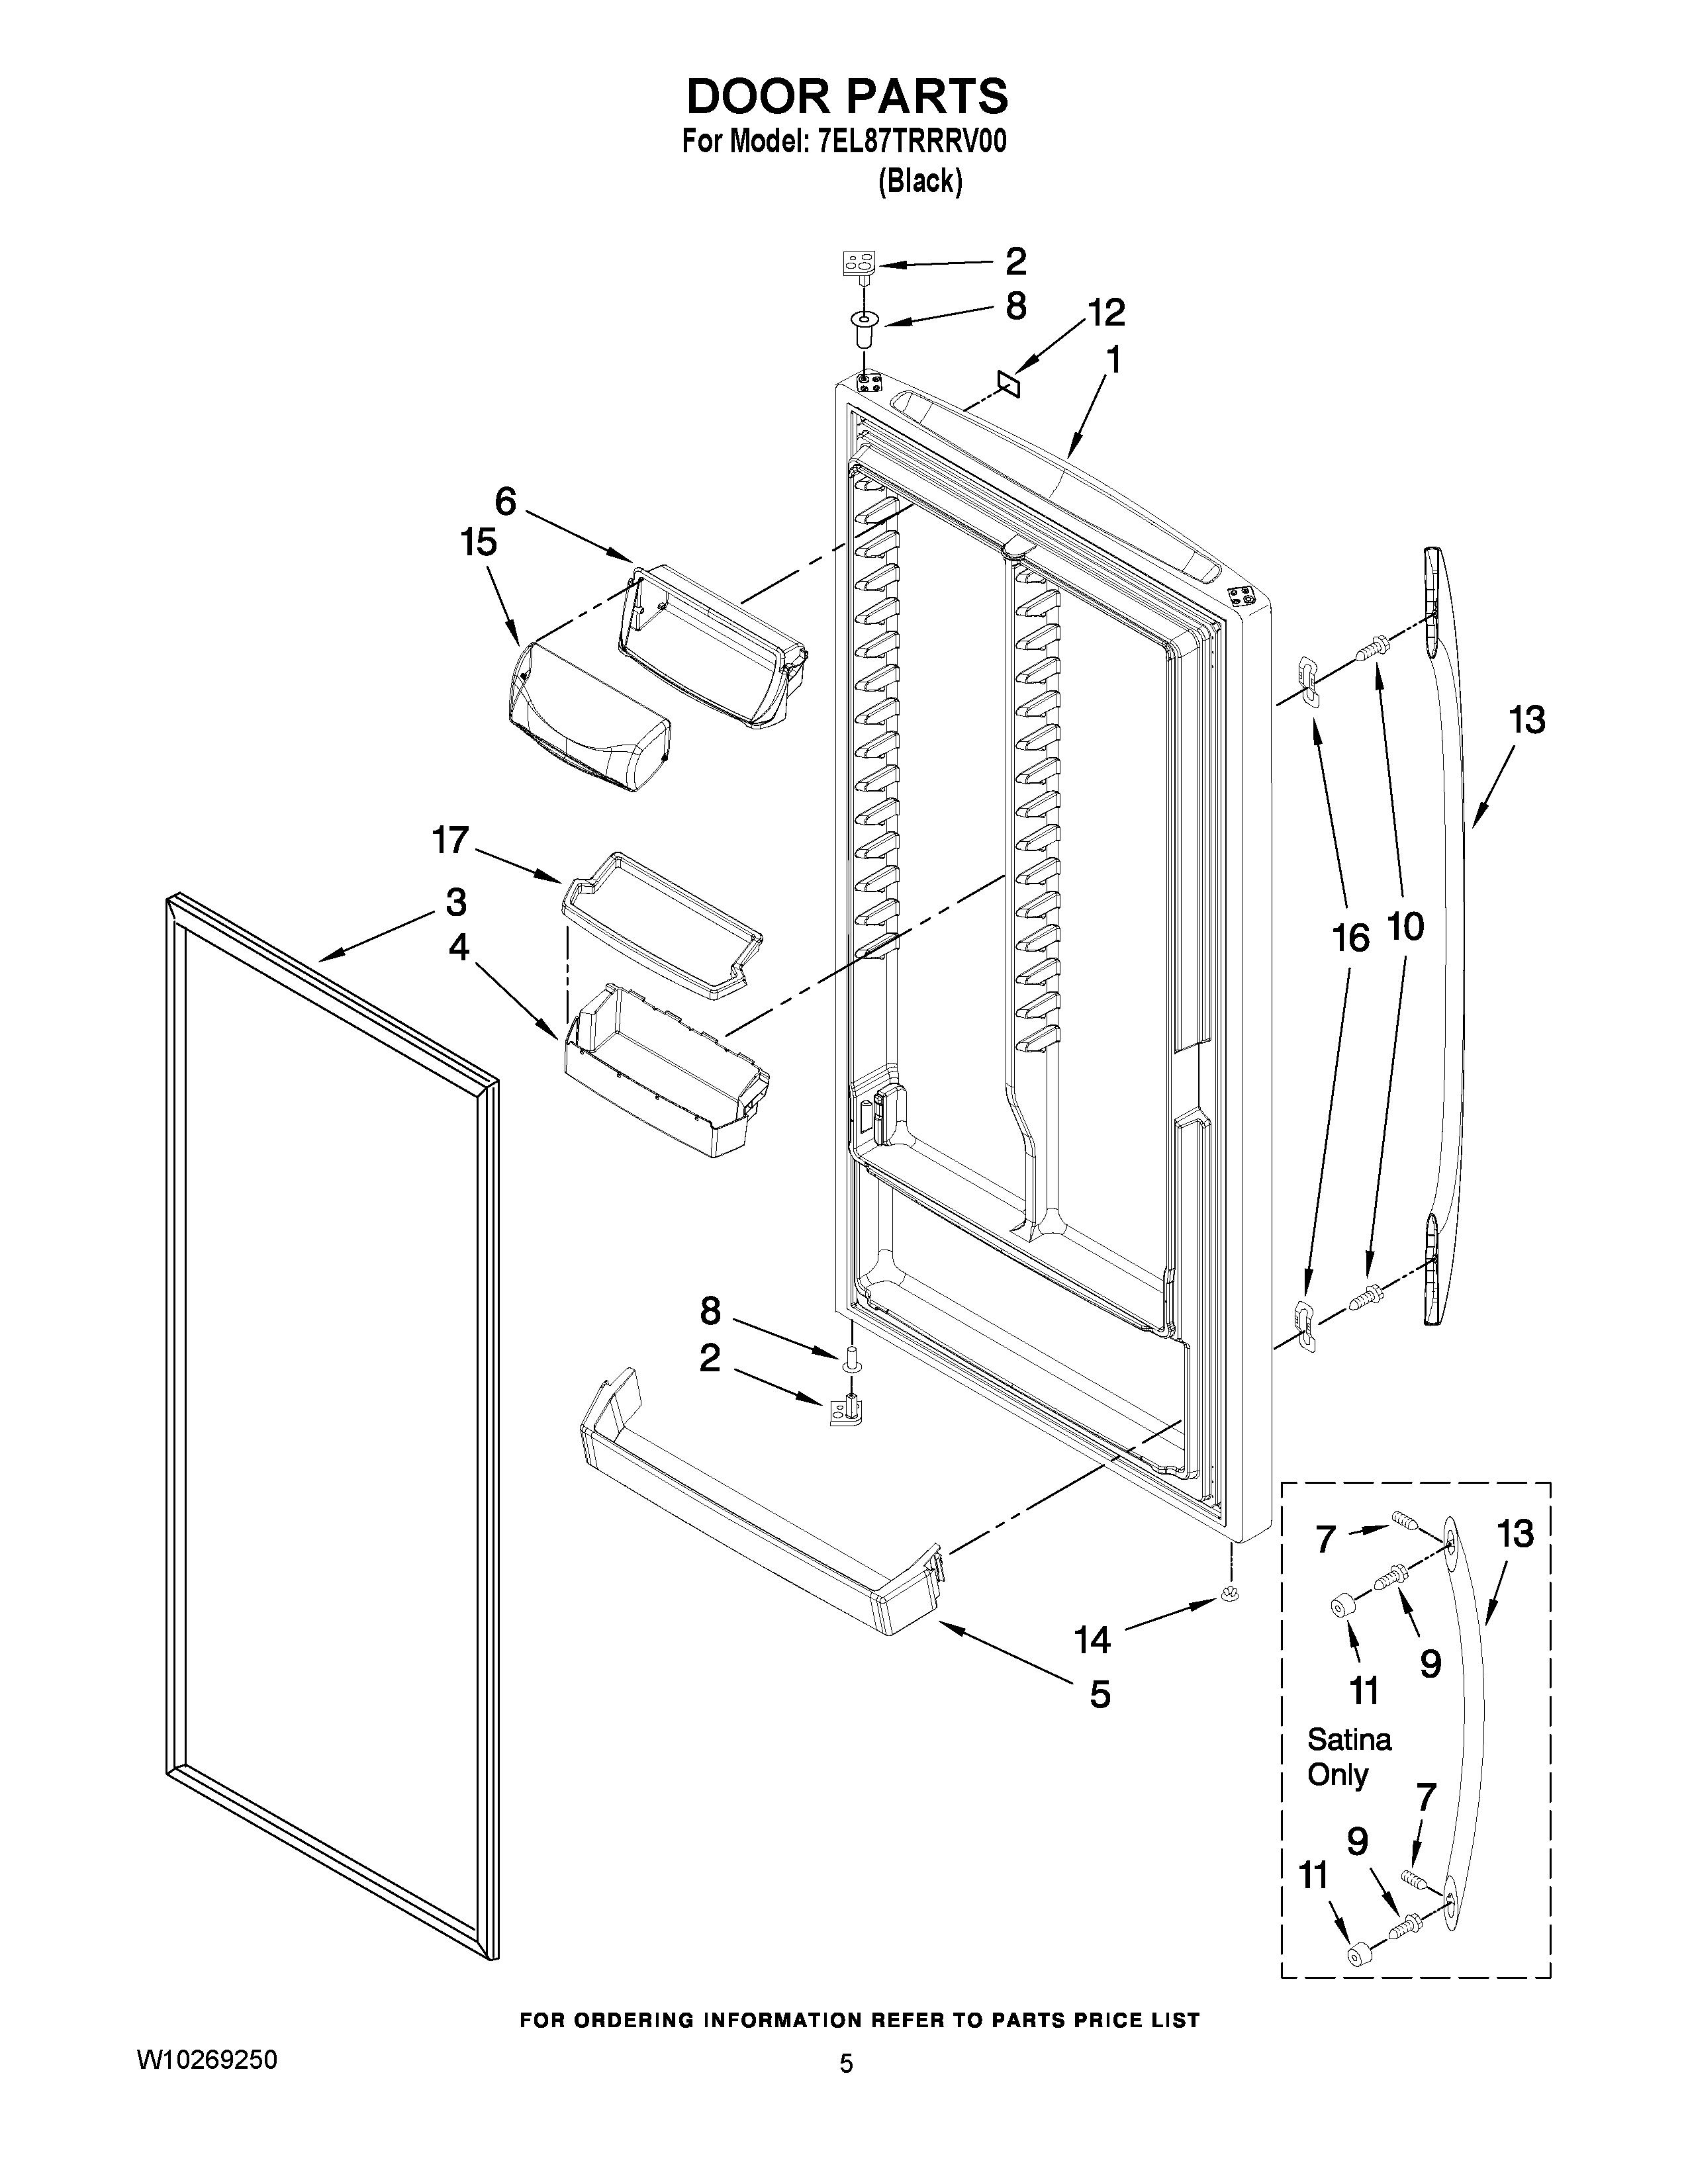 7EL87TRRRV00